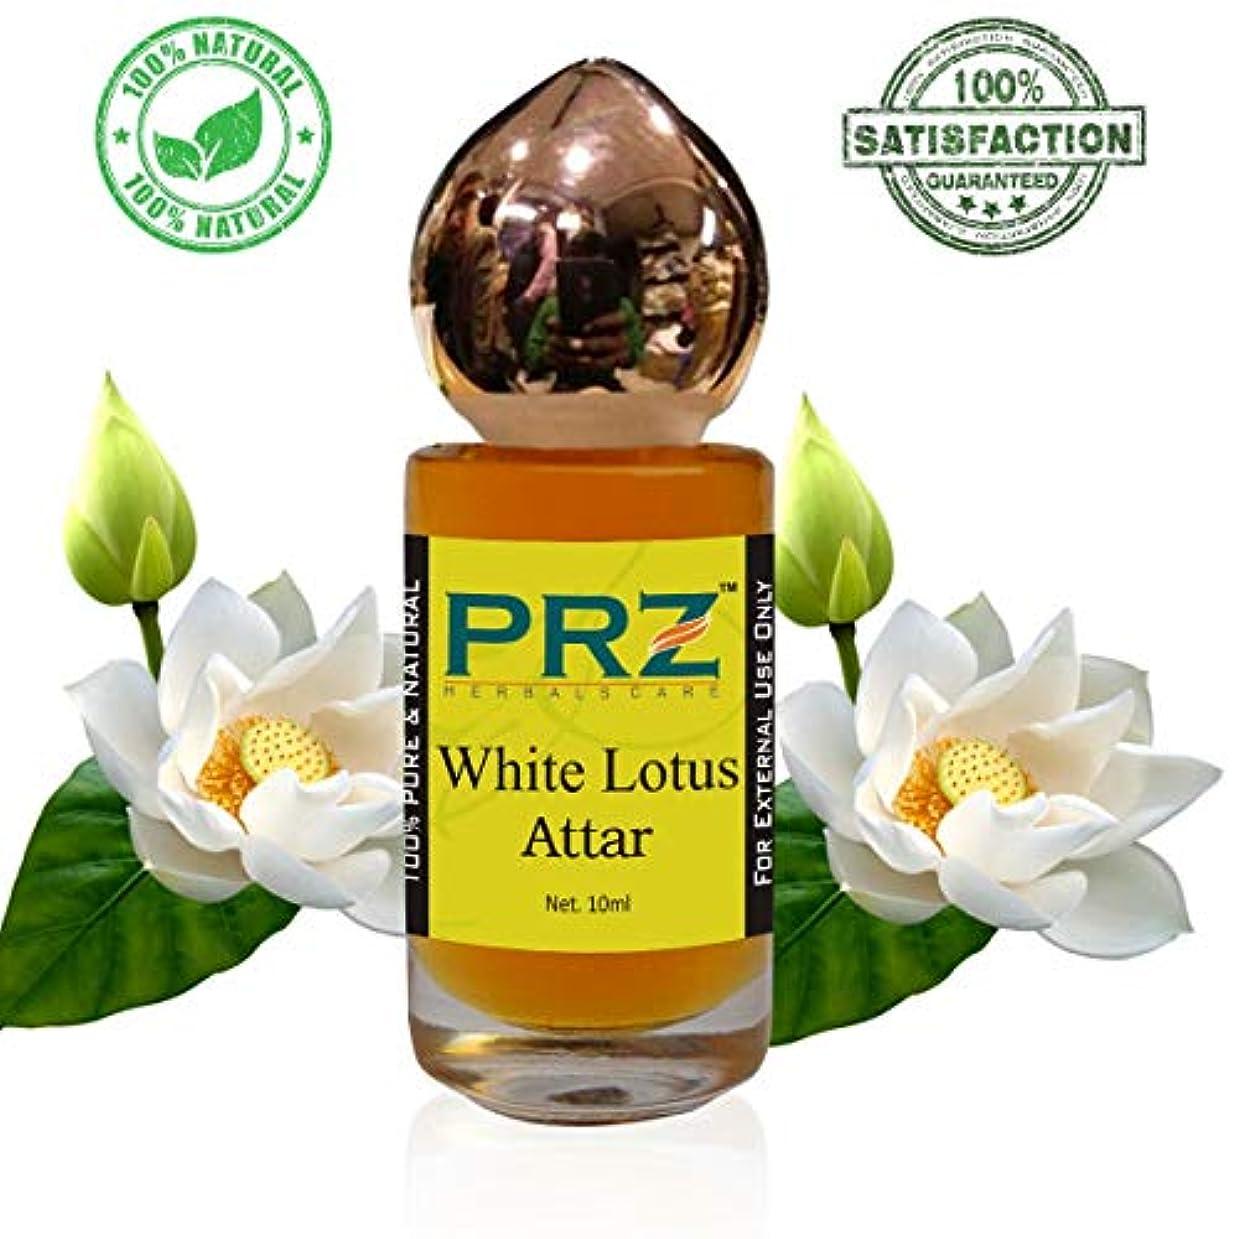 ゆり消去鈍いユニセックスのためにホワイトロータスアターロールオン(10 ML) - ピュアナチュラルプレミアム品質の香水(ノンアルコール)|アターITRA最高品質の香水は、長期的なアタースプレー